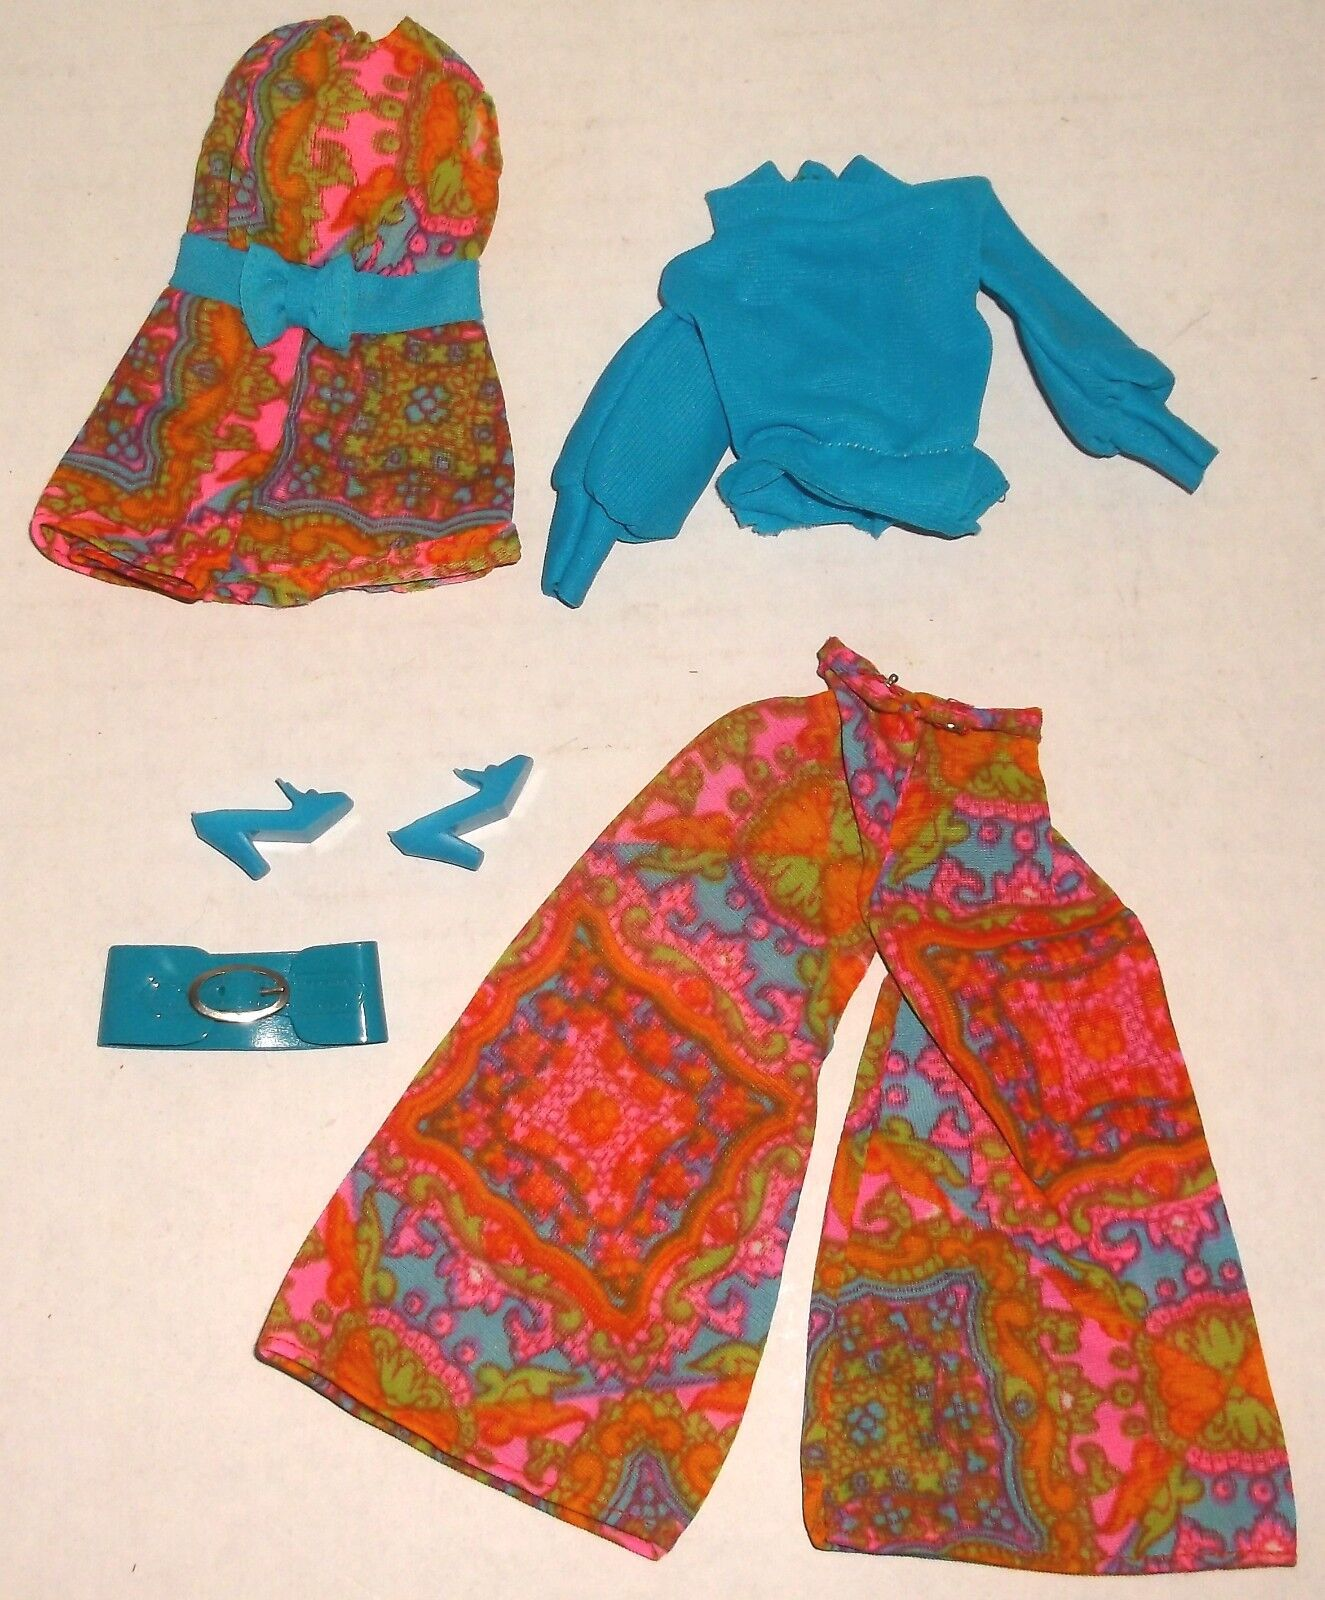 Barbie Vintage humor matchers Outfit Completo Exc Cond Inc Cinturón Y Zapatos